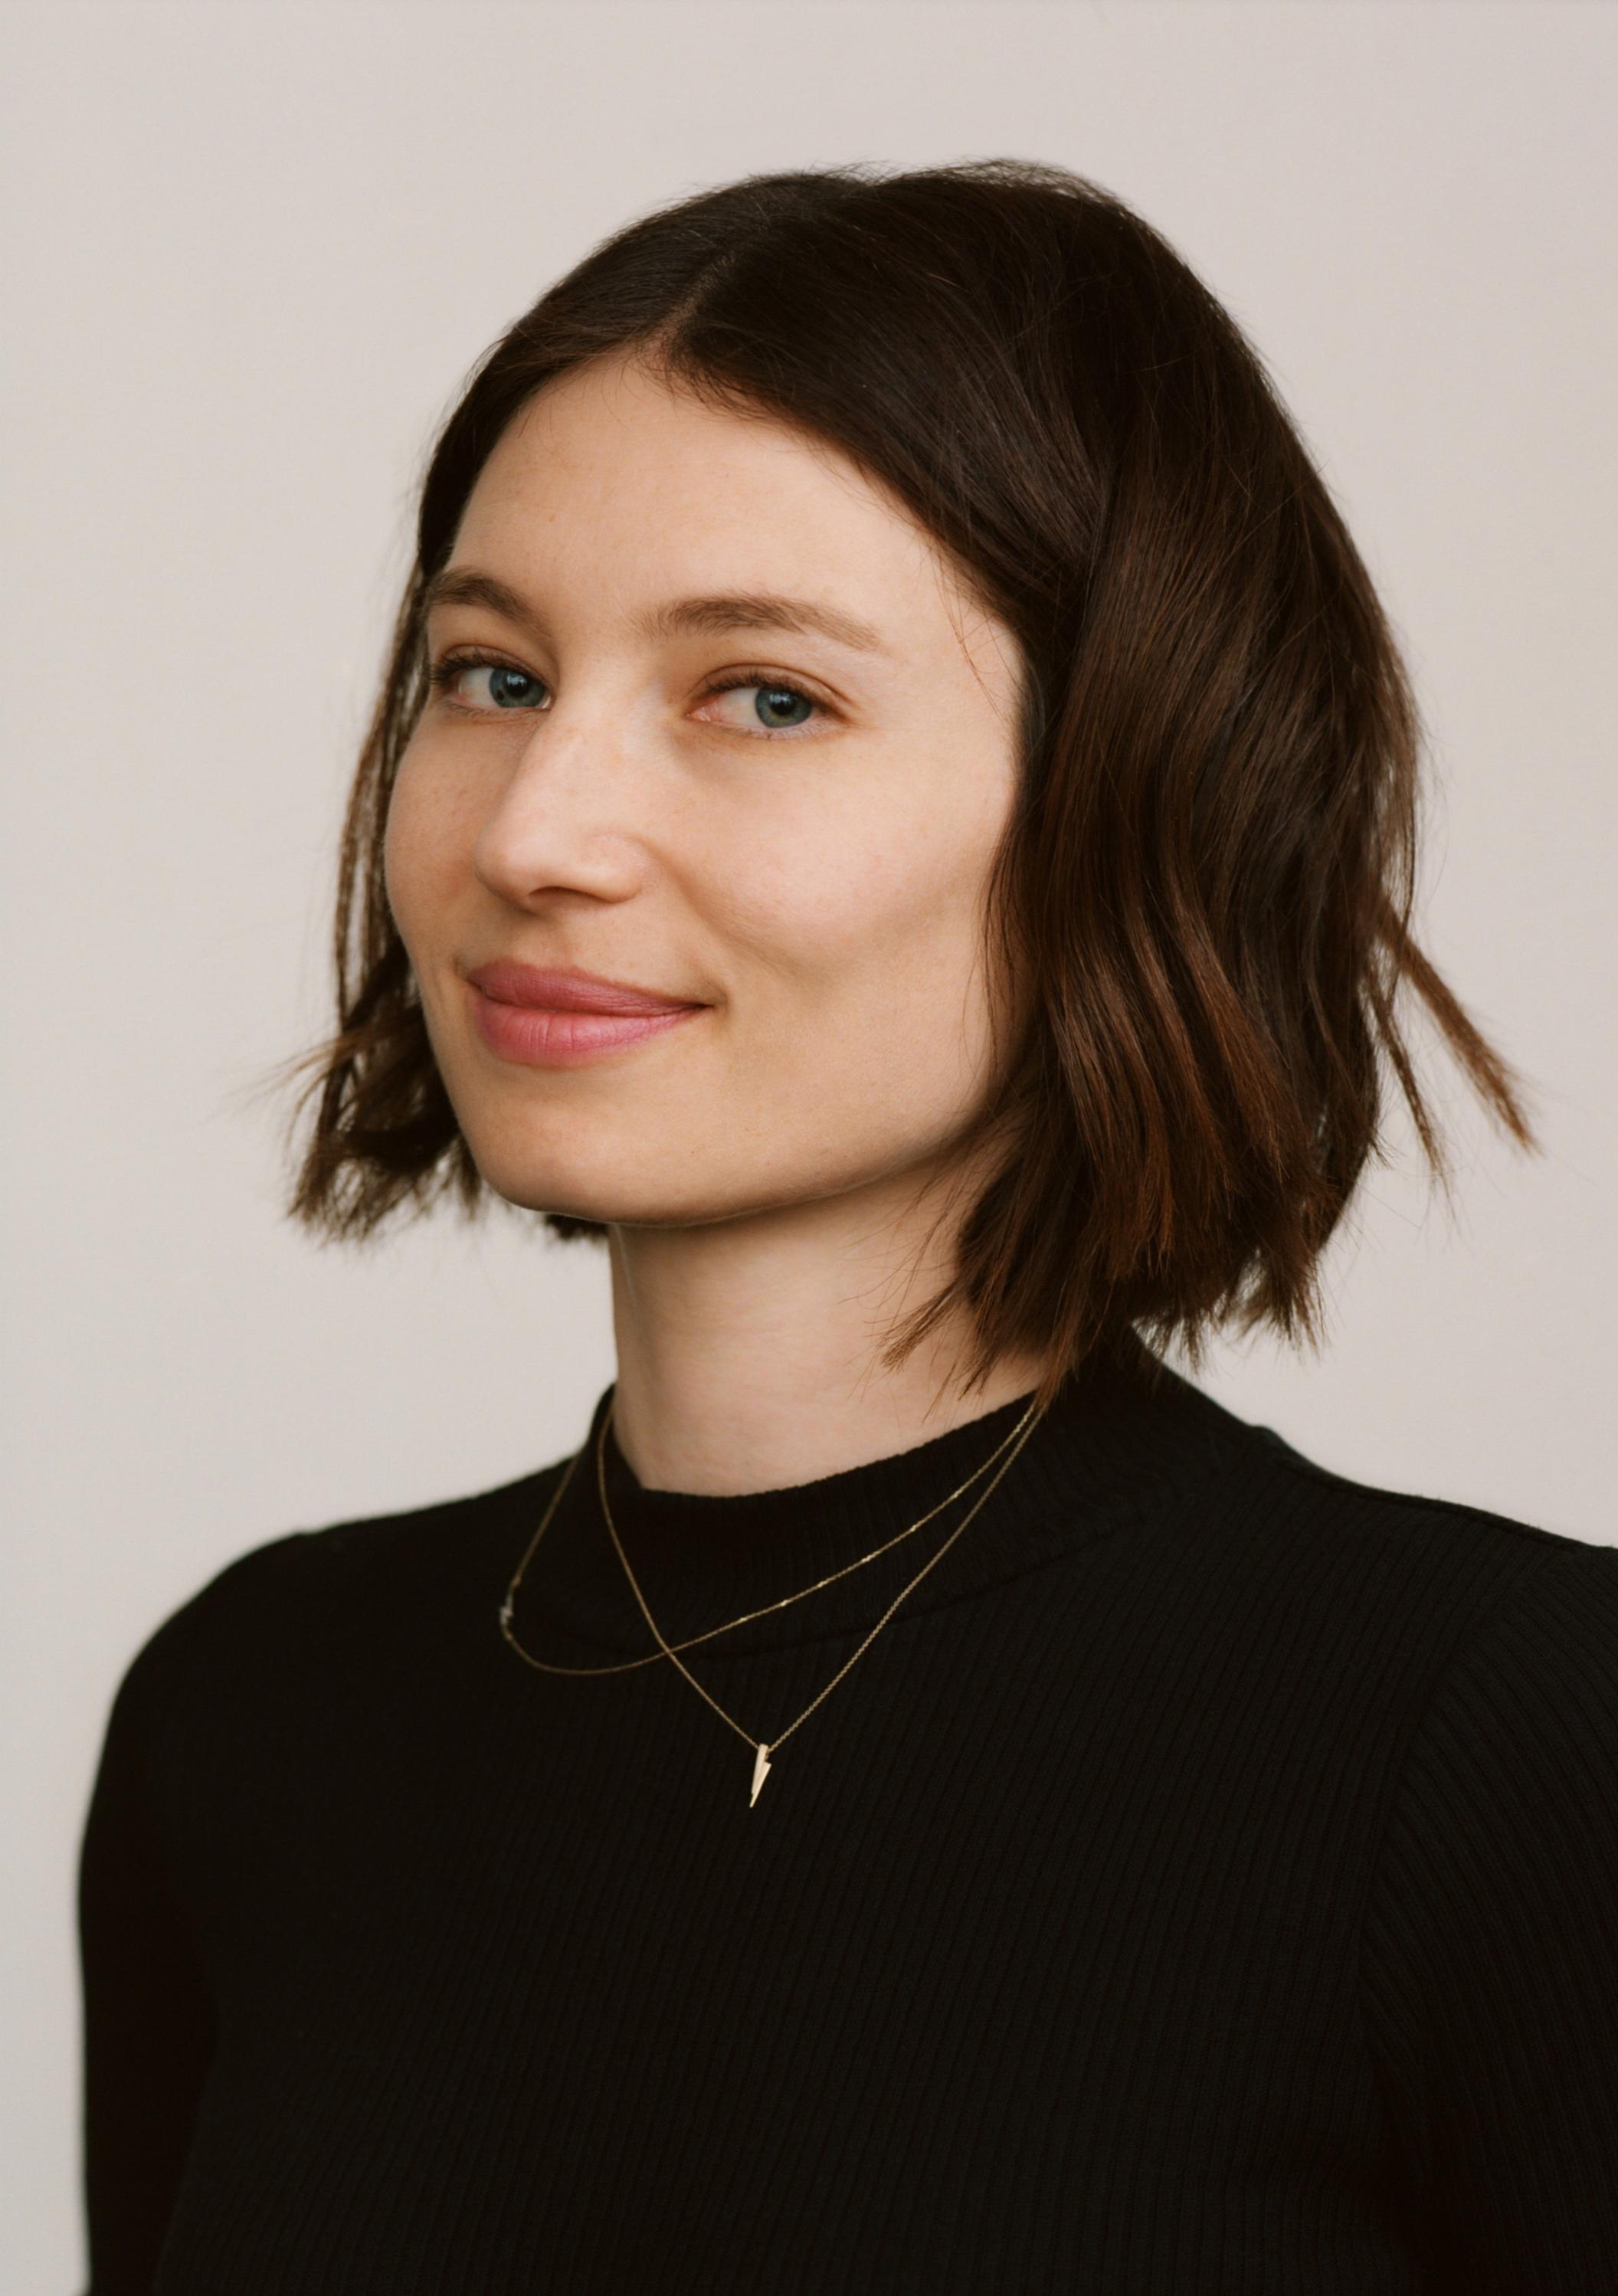 Gabrielle Roussos